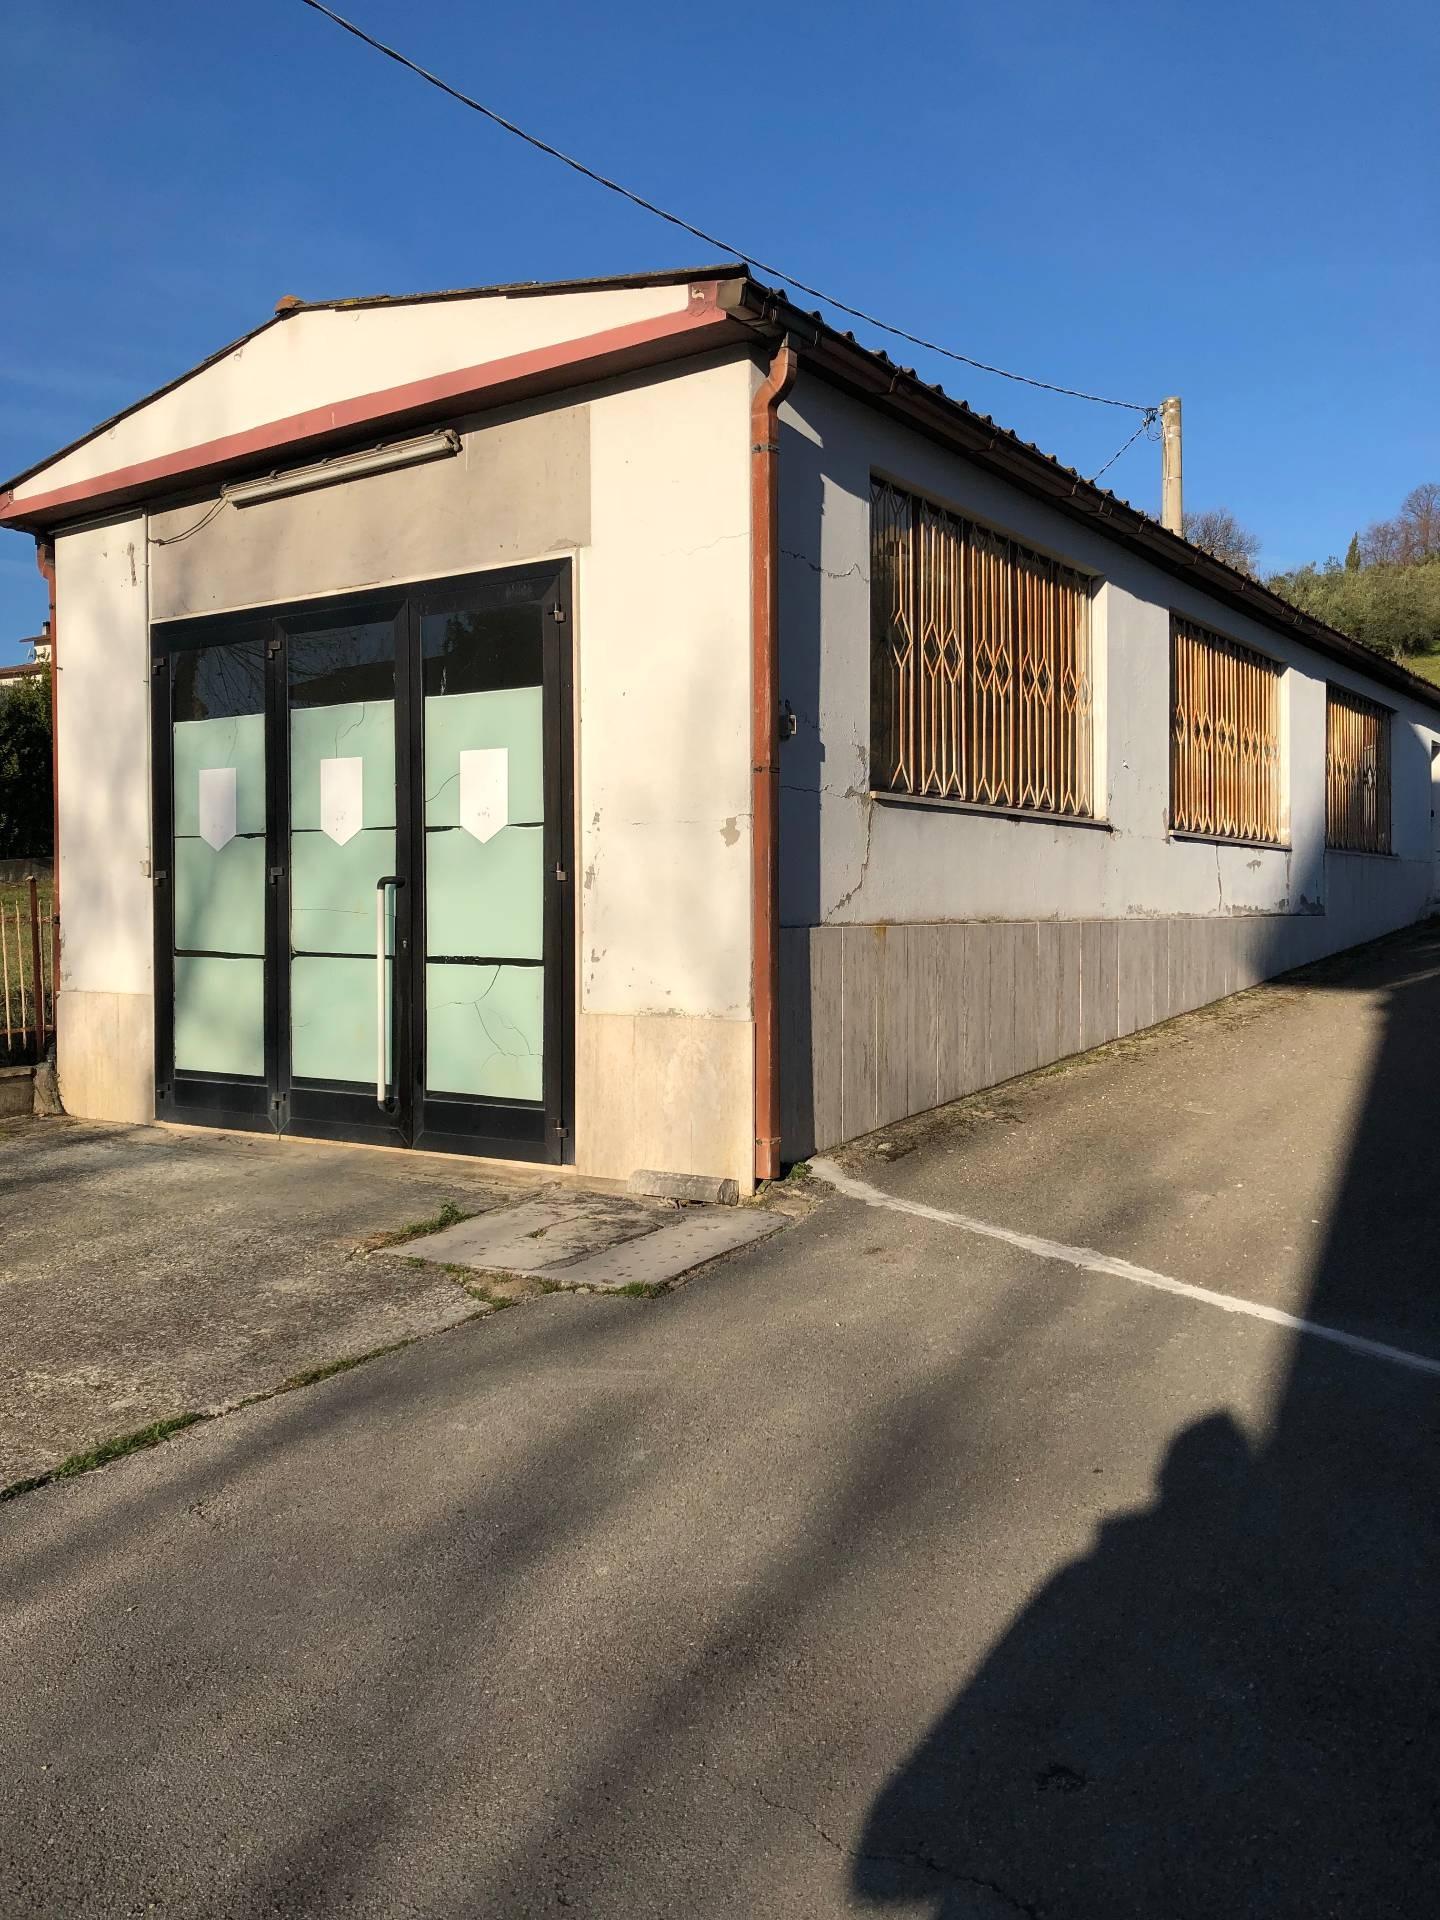 Negozio / Locale in vendita a Falerone, 9999 locali, zona Località: PianediFalerone, prezzo € 38.000 | CambioCasa.it